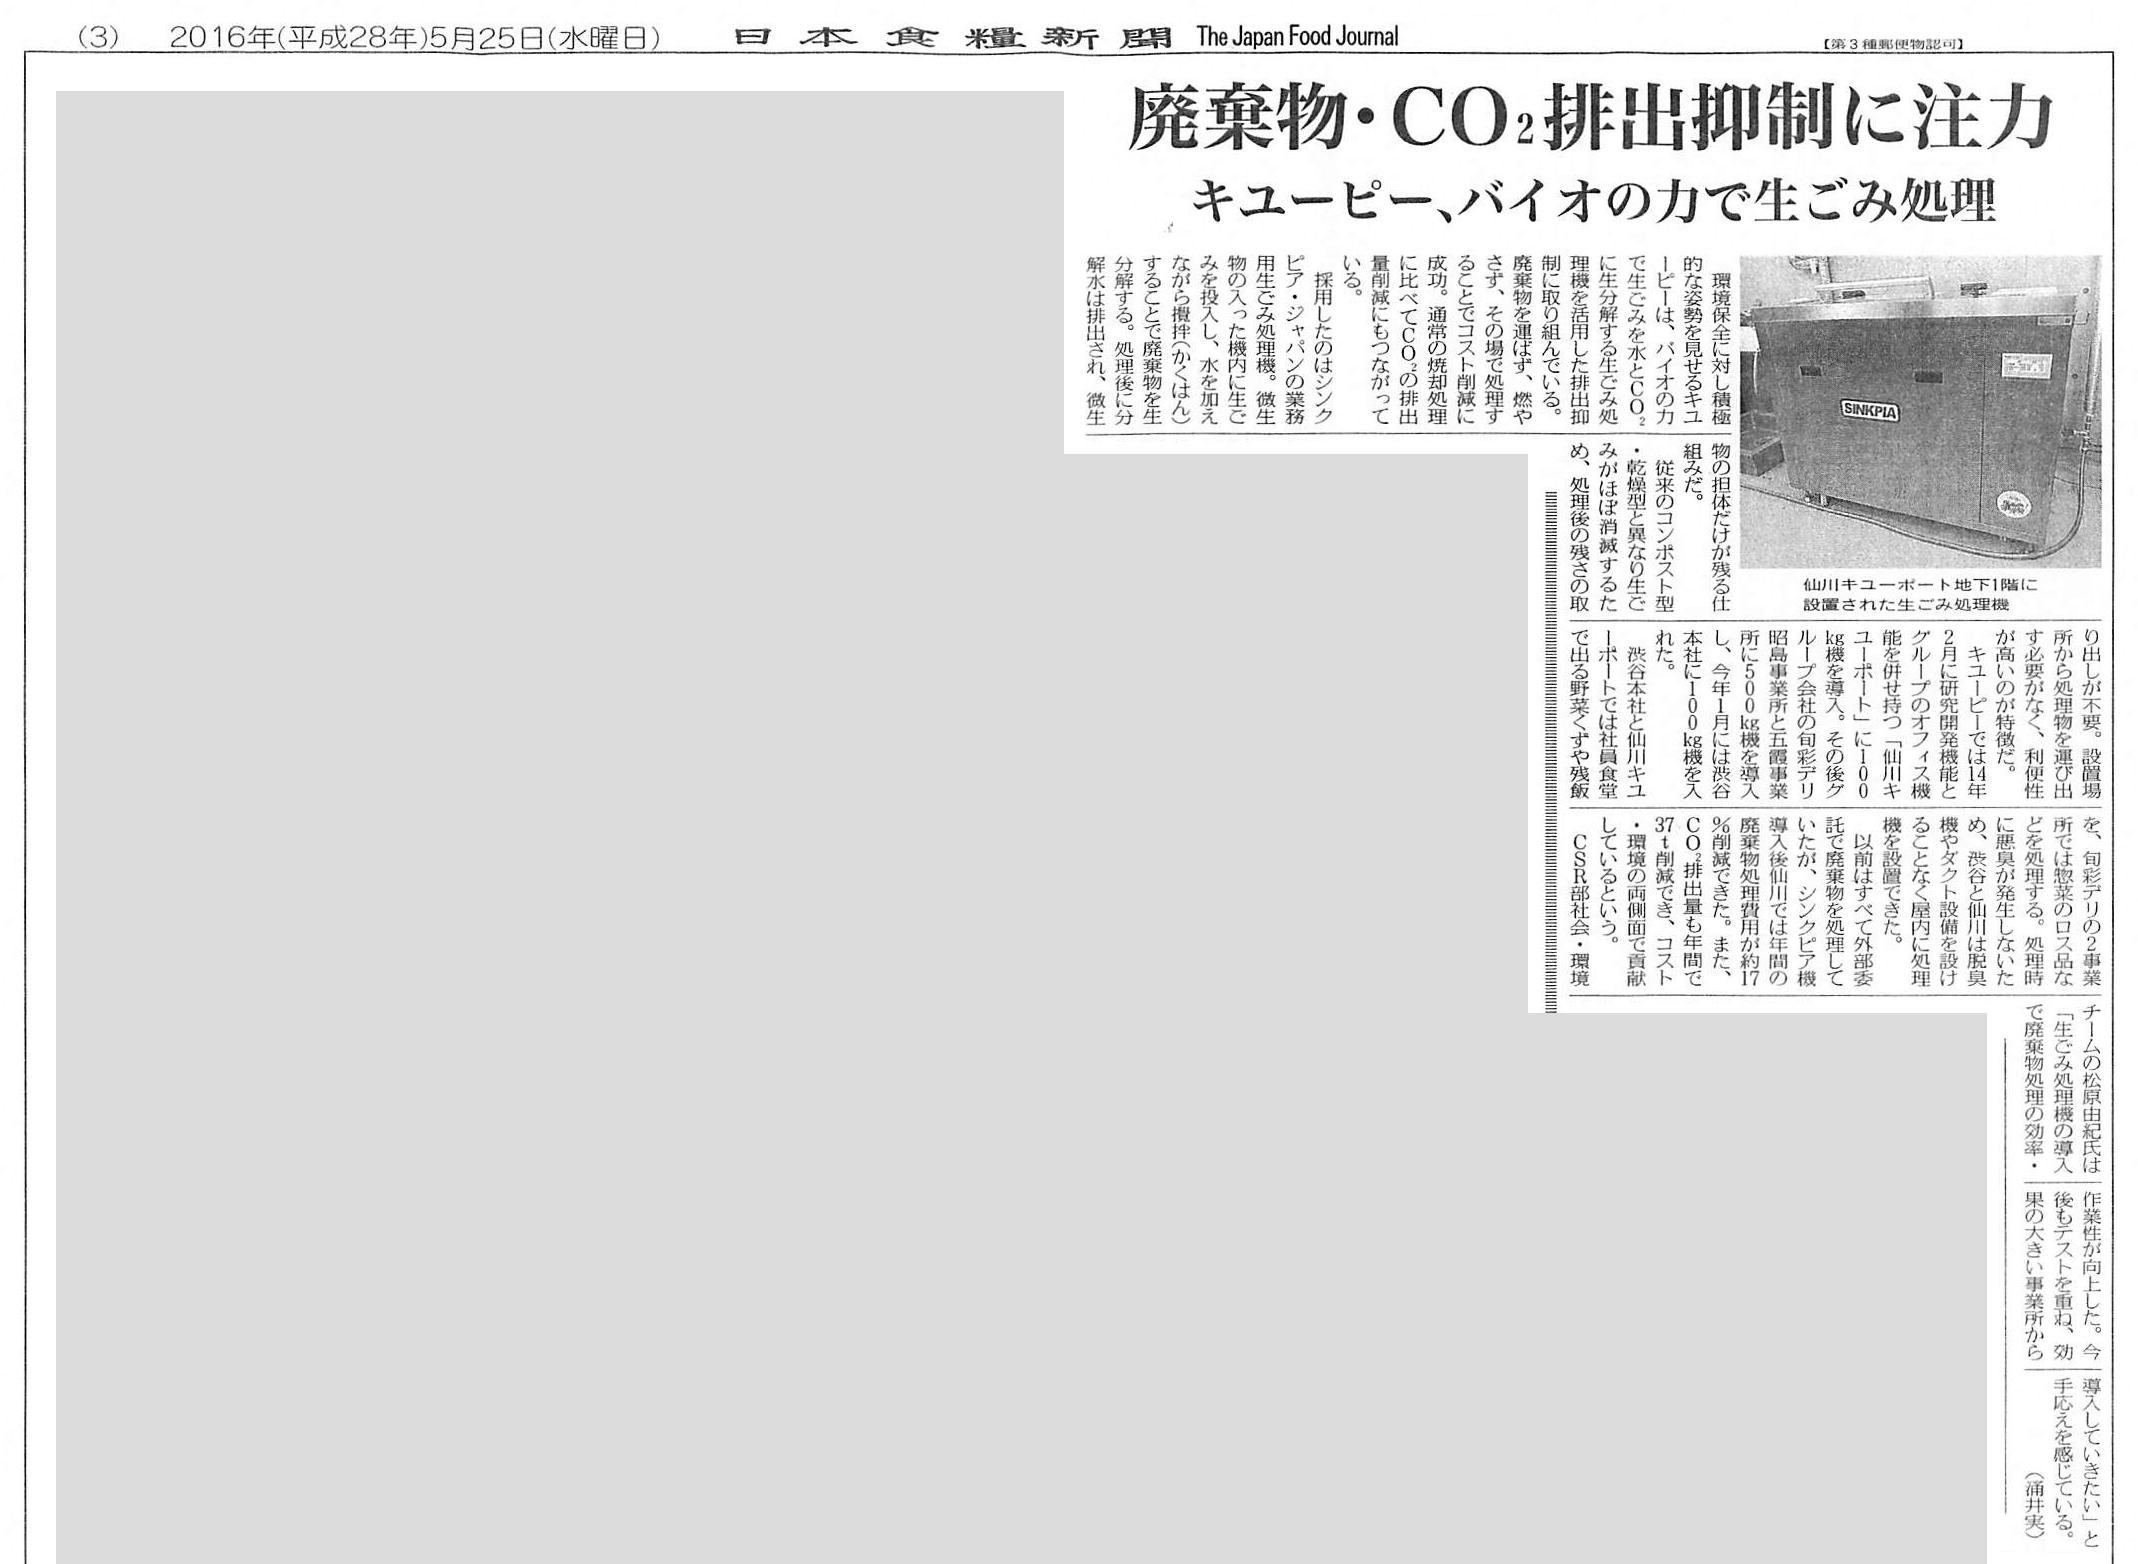 日本食糧新聞2016年5月25日号